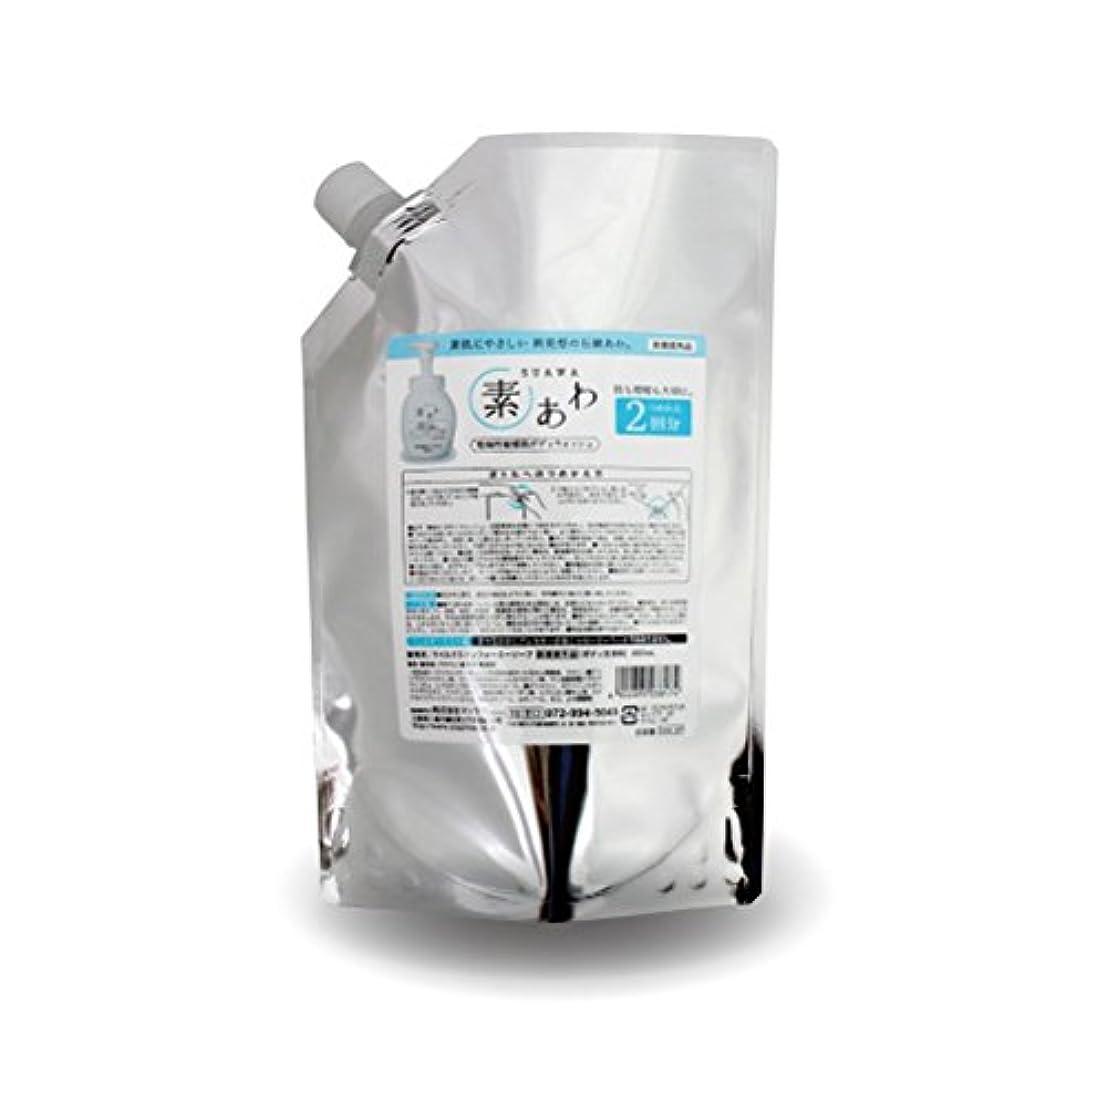 秀でる昆虫皿薬用 素あわ 泡タイプ ボディソープ 詰替2回分パウチ 800mL 乾 燥 肌 ? 敏 感 肌 に